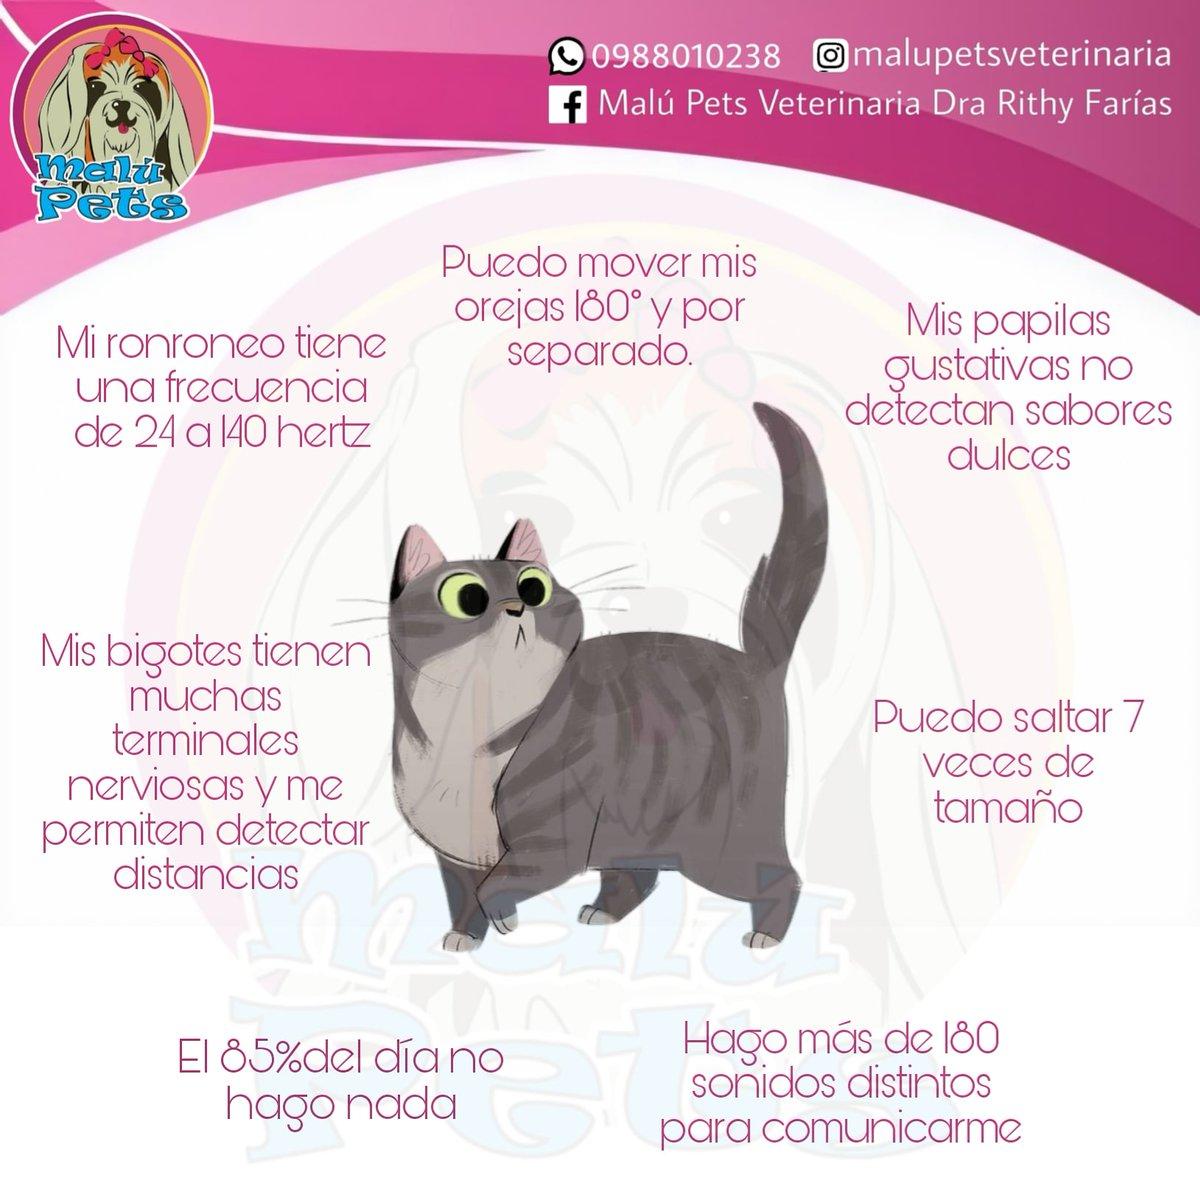 Datos curiosos sobre los gatitos 🐱❤️ . . . . . . . #fotodeldia #gatos #datoscuriosos #Ecuador #Portoviejo #DraRithaFarias #veterinaria https://t.co/9YgLpmaTmo